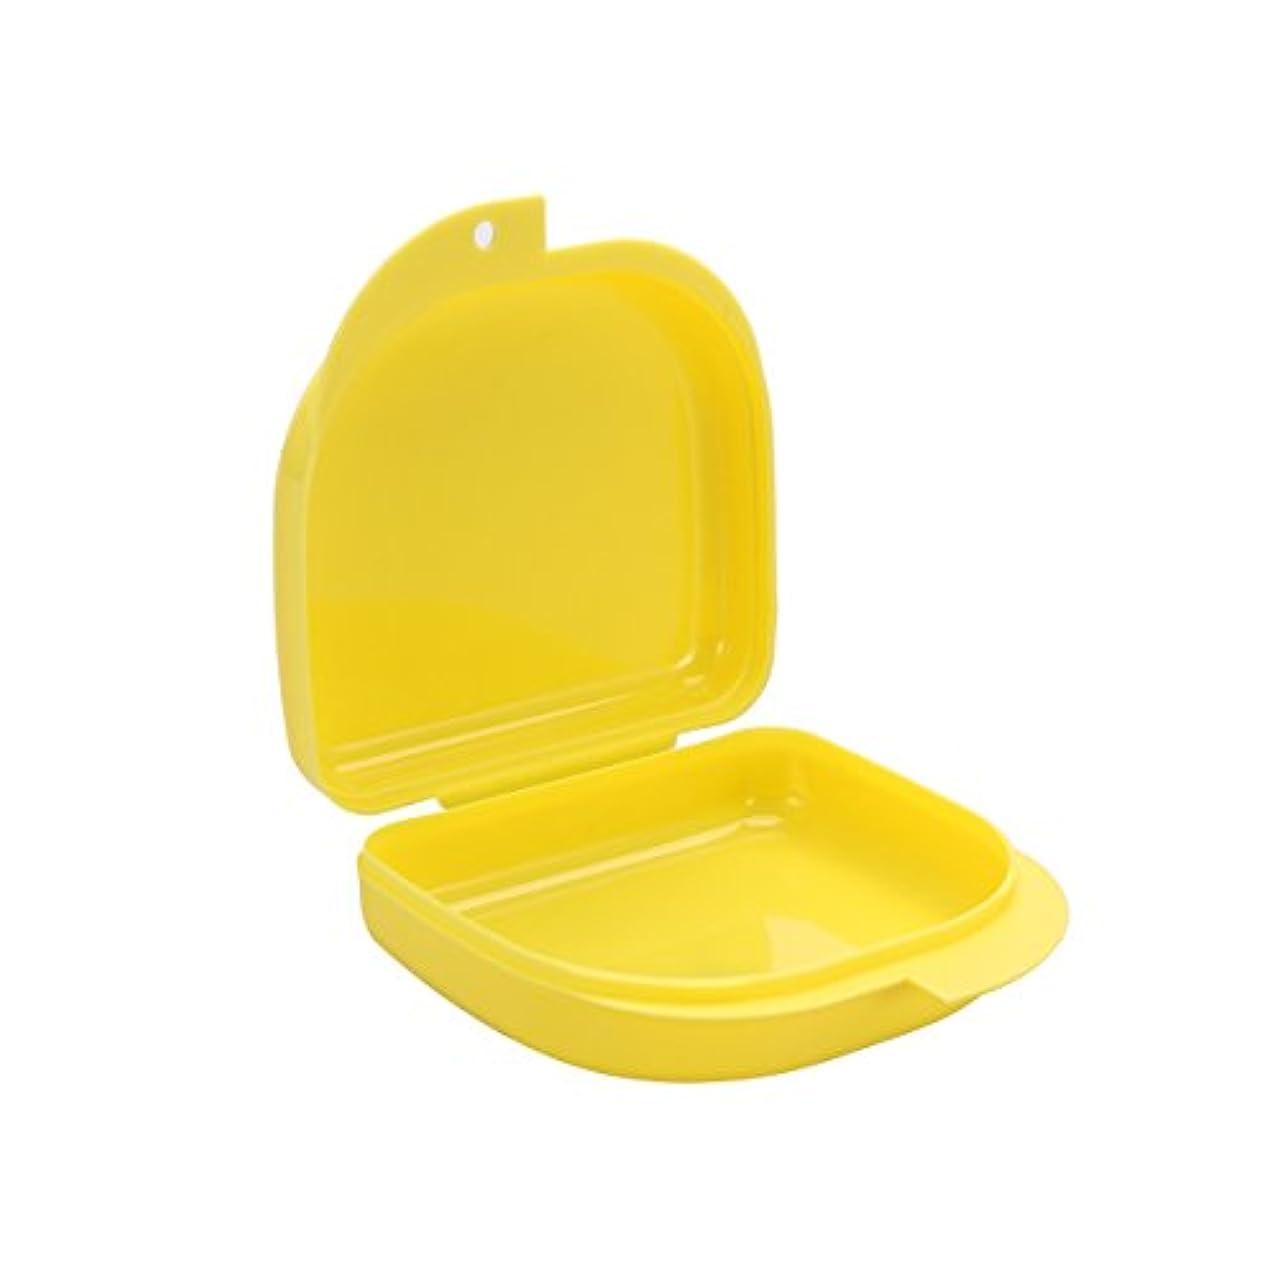 吸い込む子孫広まったROSENICE 義歯ケース口ガードケース義歯ボックス義歯収納容器(黄色)